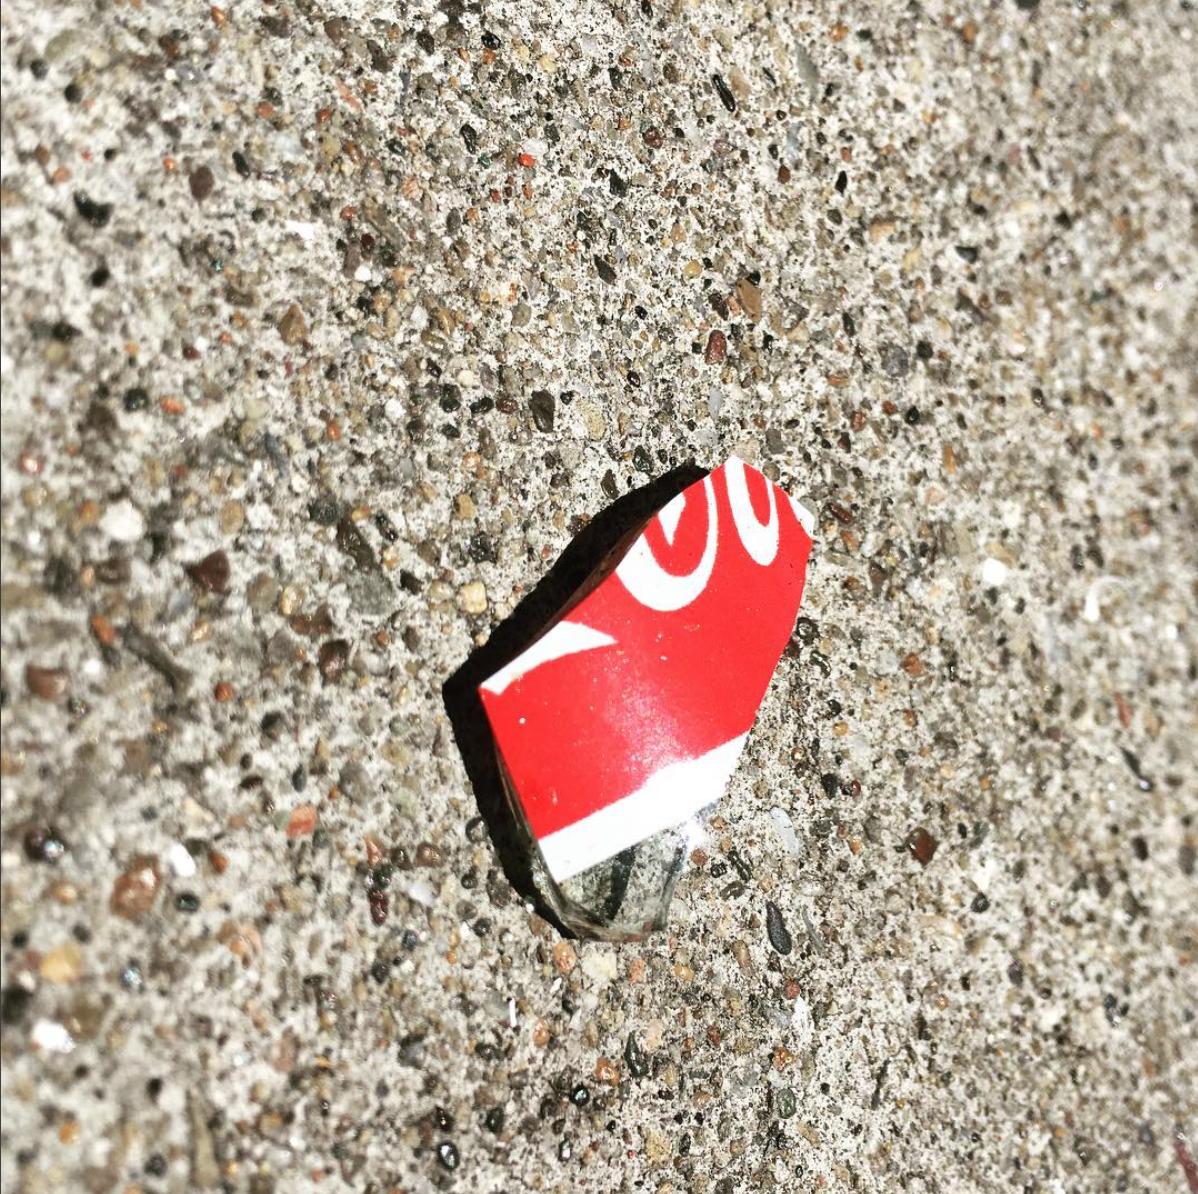 Litterati, les photos de déchets